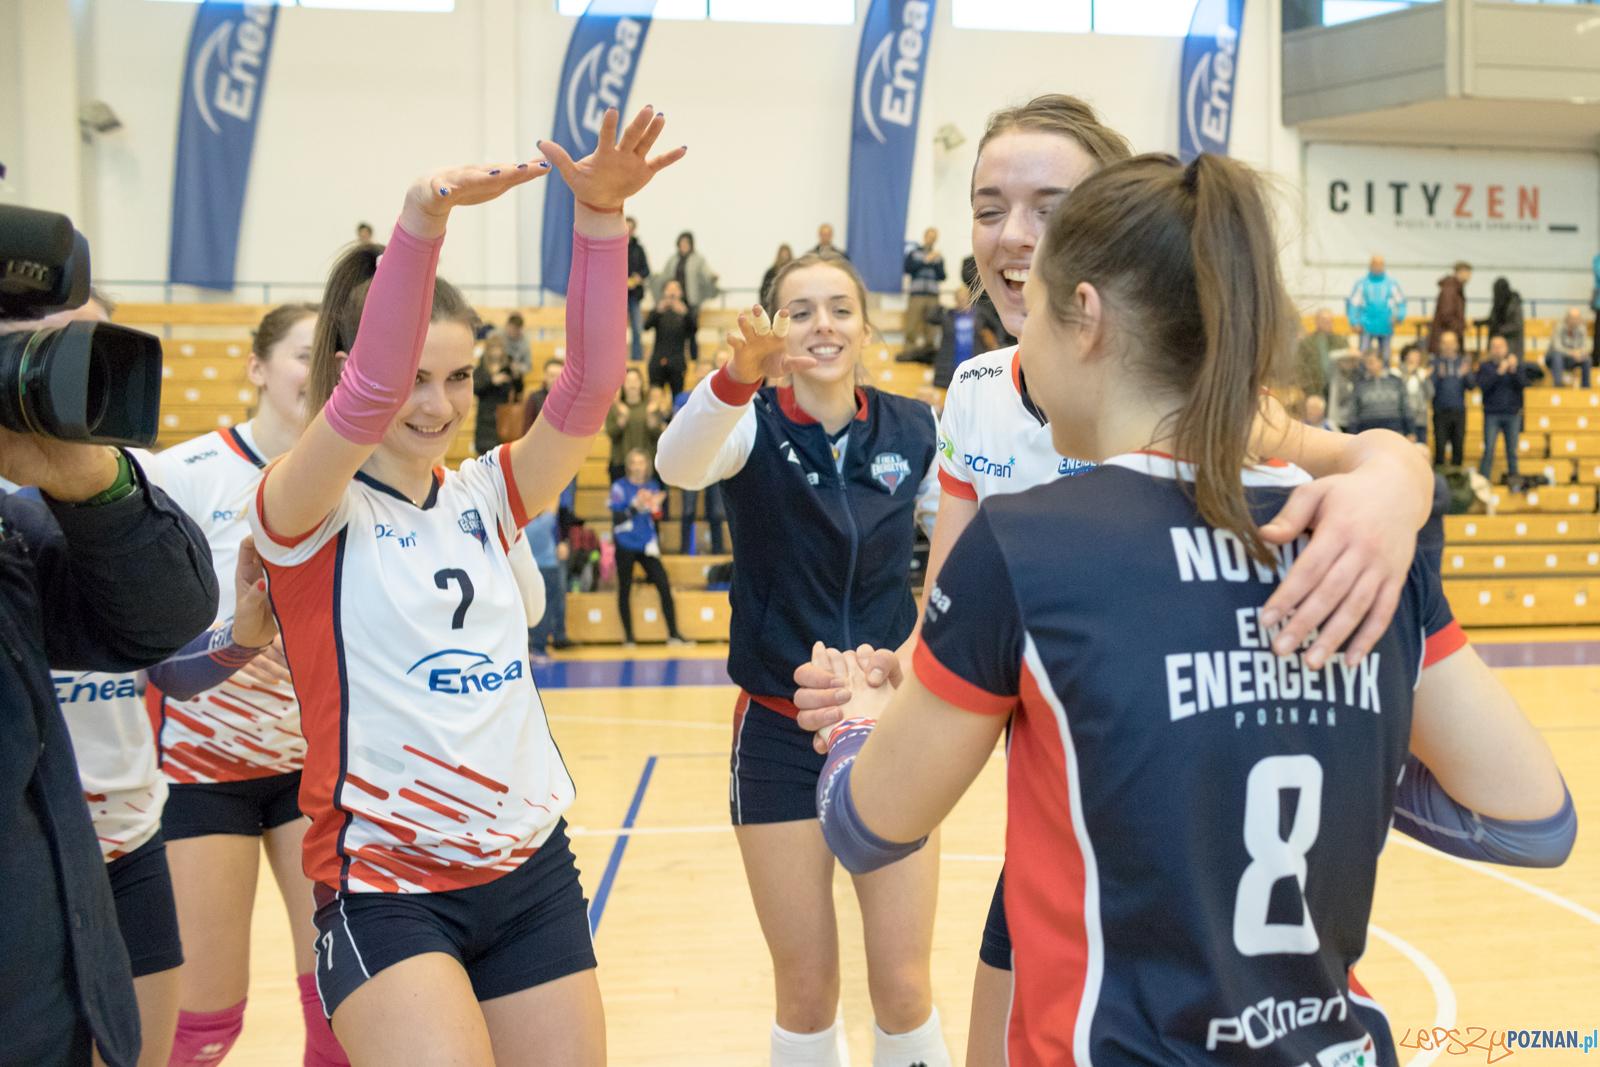 ENEA Energetyk Poznań - SAN Pajda Jarosław  Foto: lepszyPOZNAN.pl/Piotr Rychter